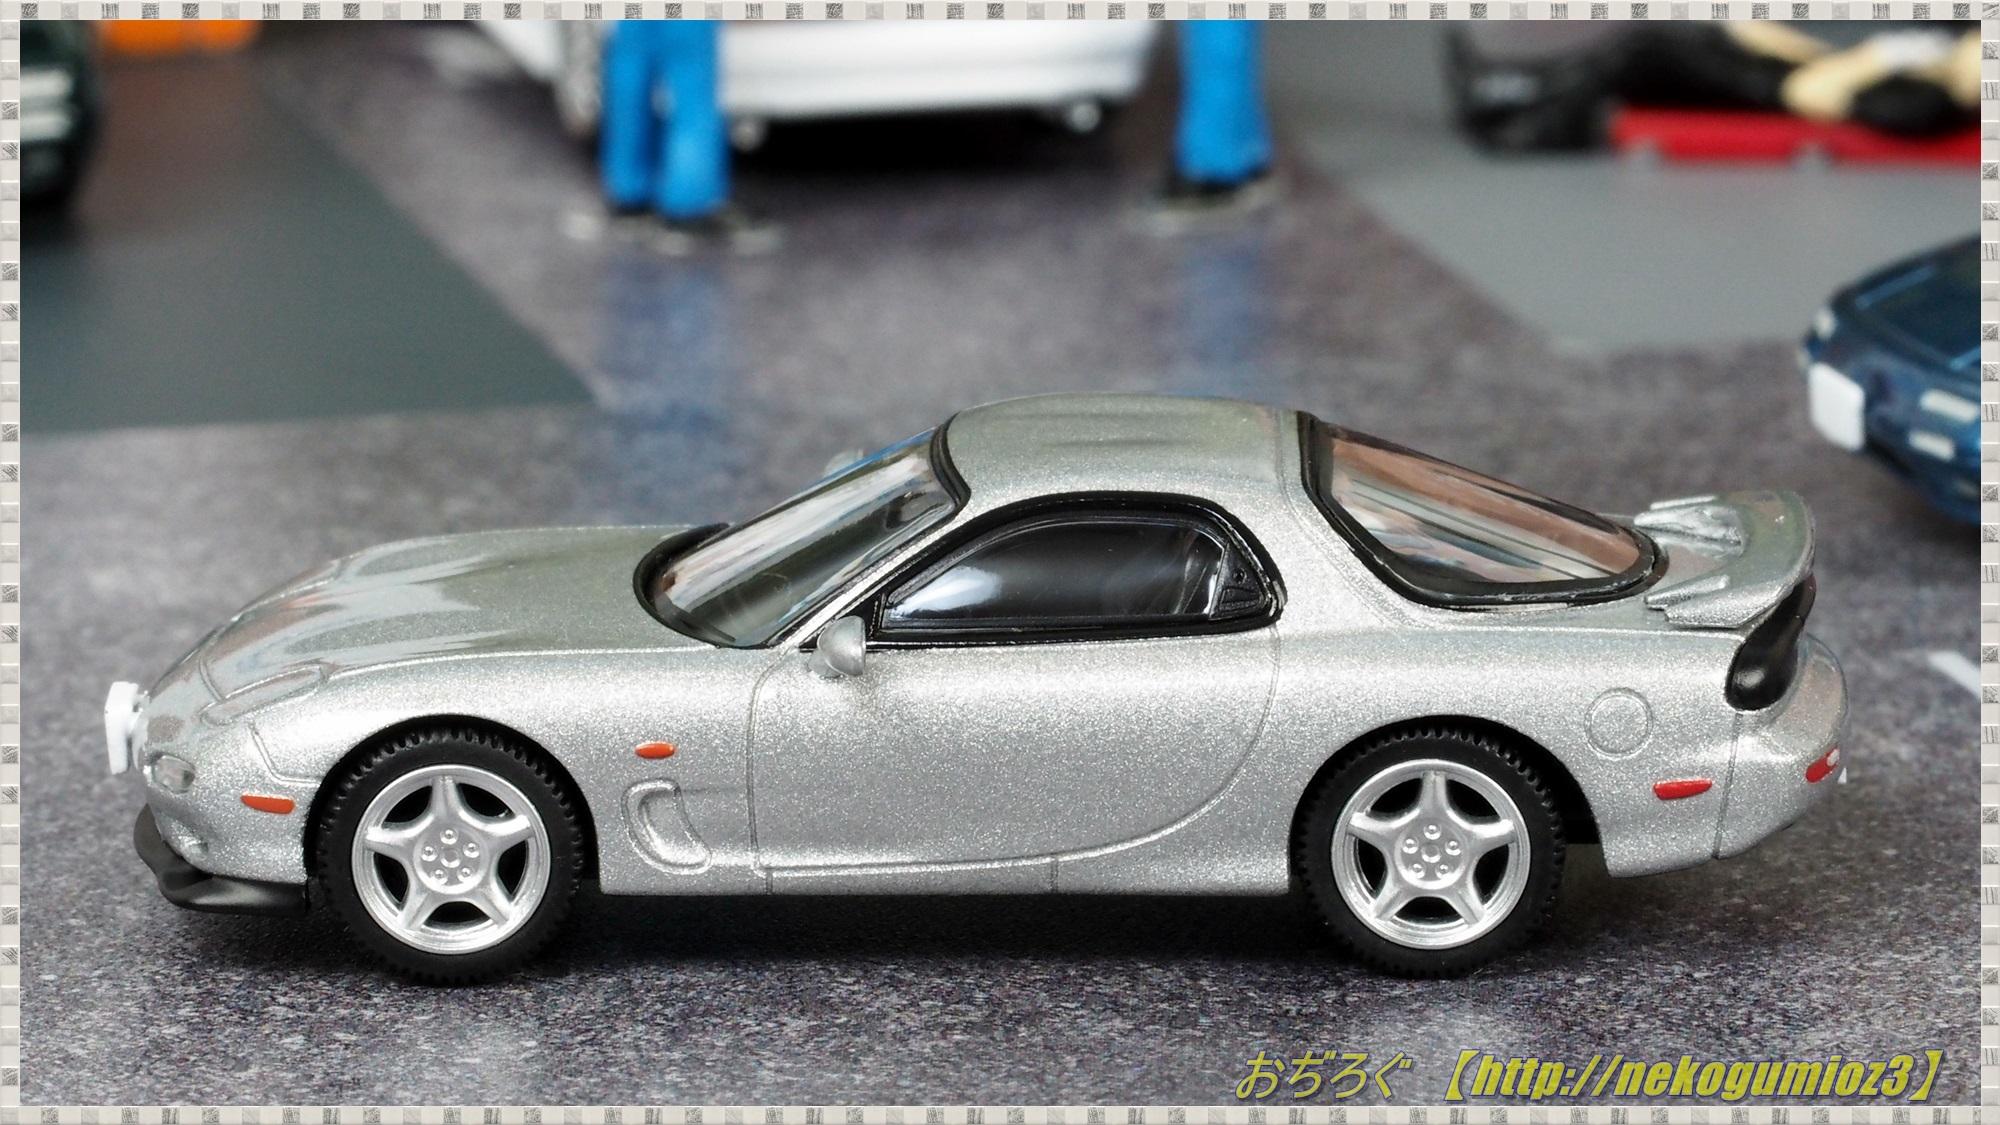 200202013.jpg